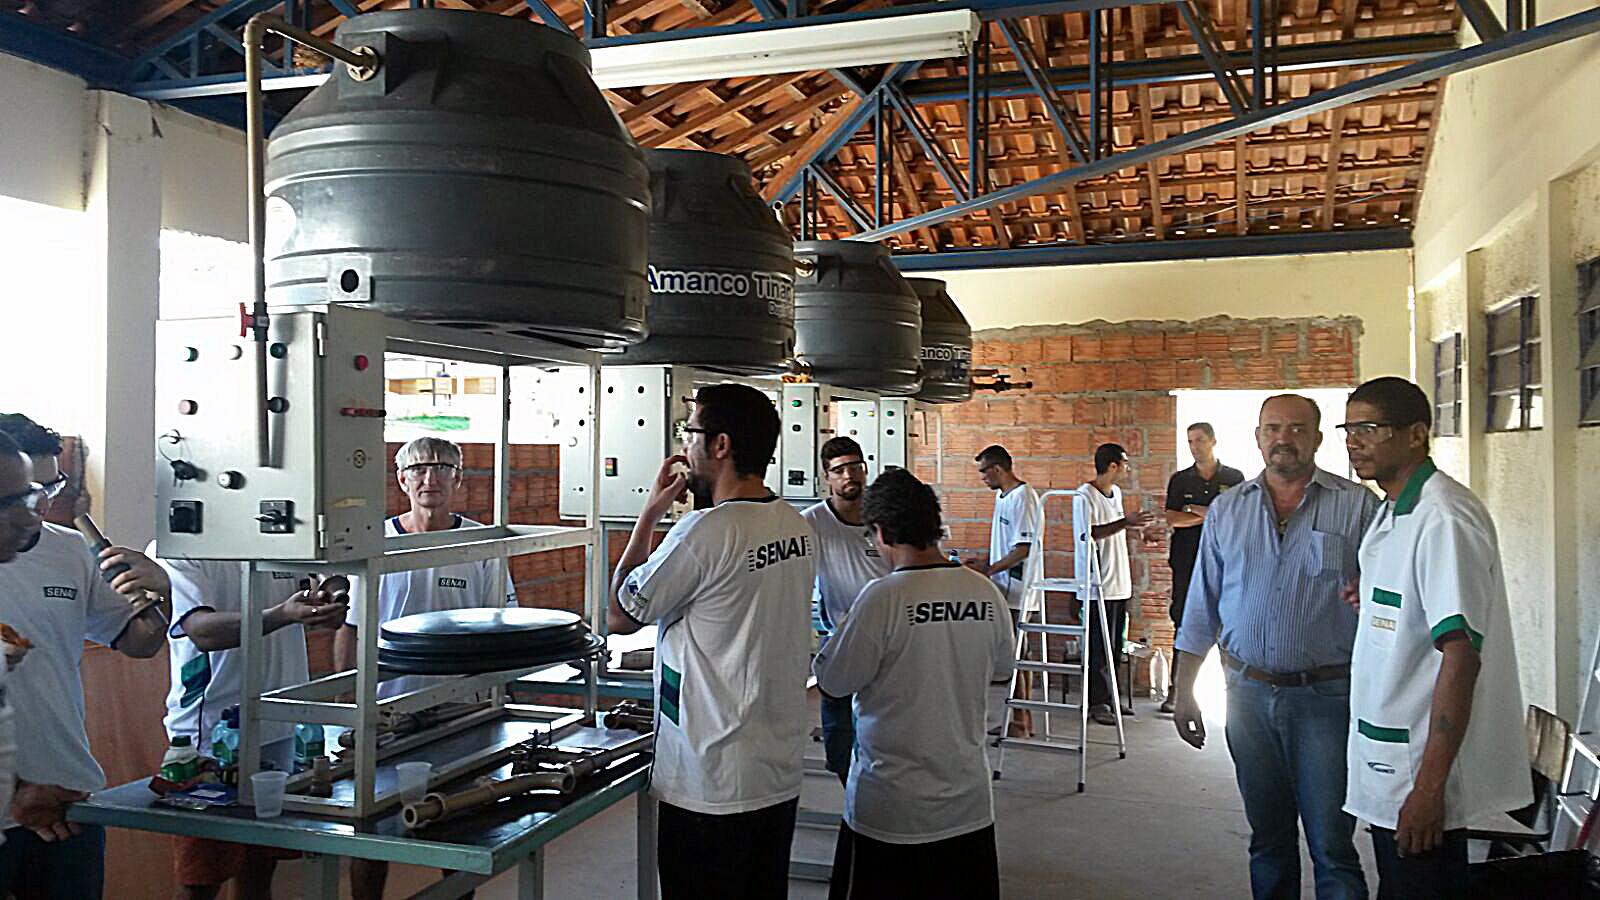 detentos aprendem profissão d eencanador em Coxim1